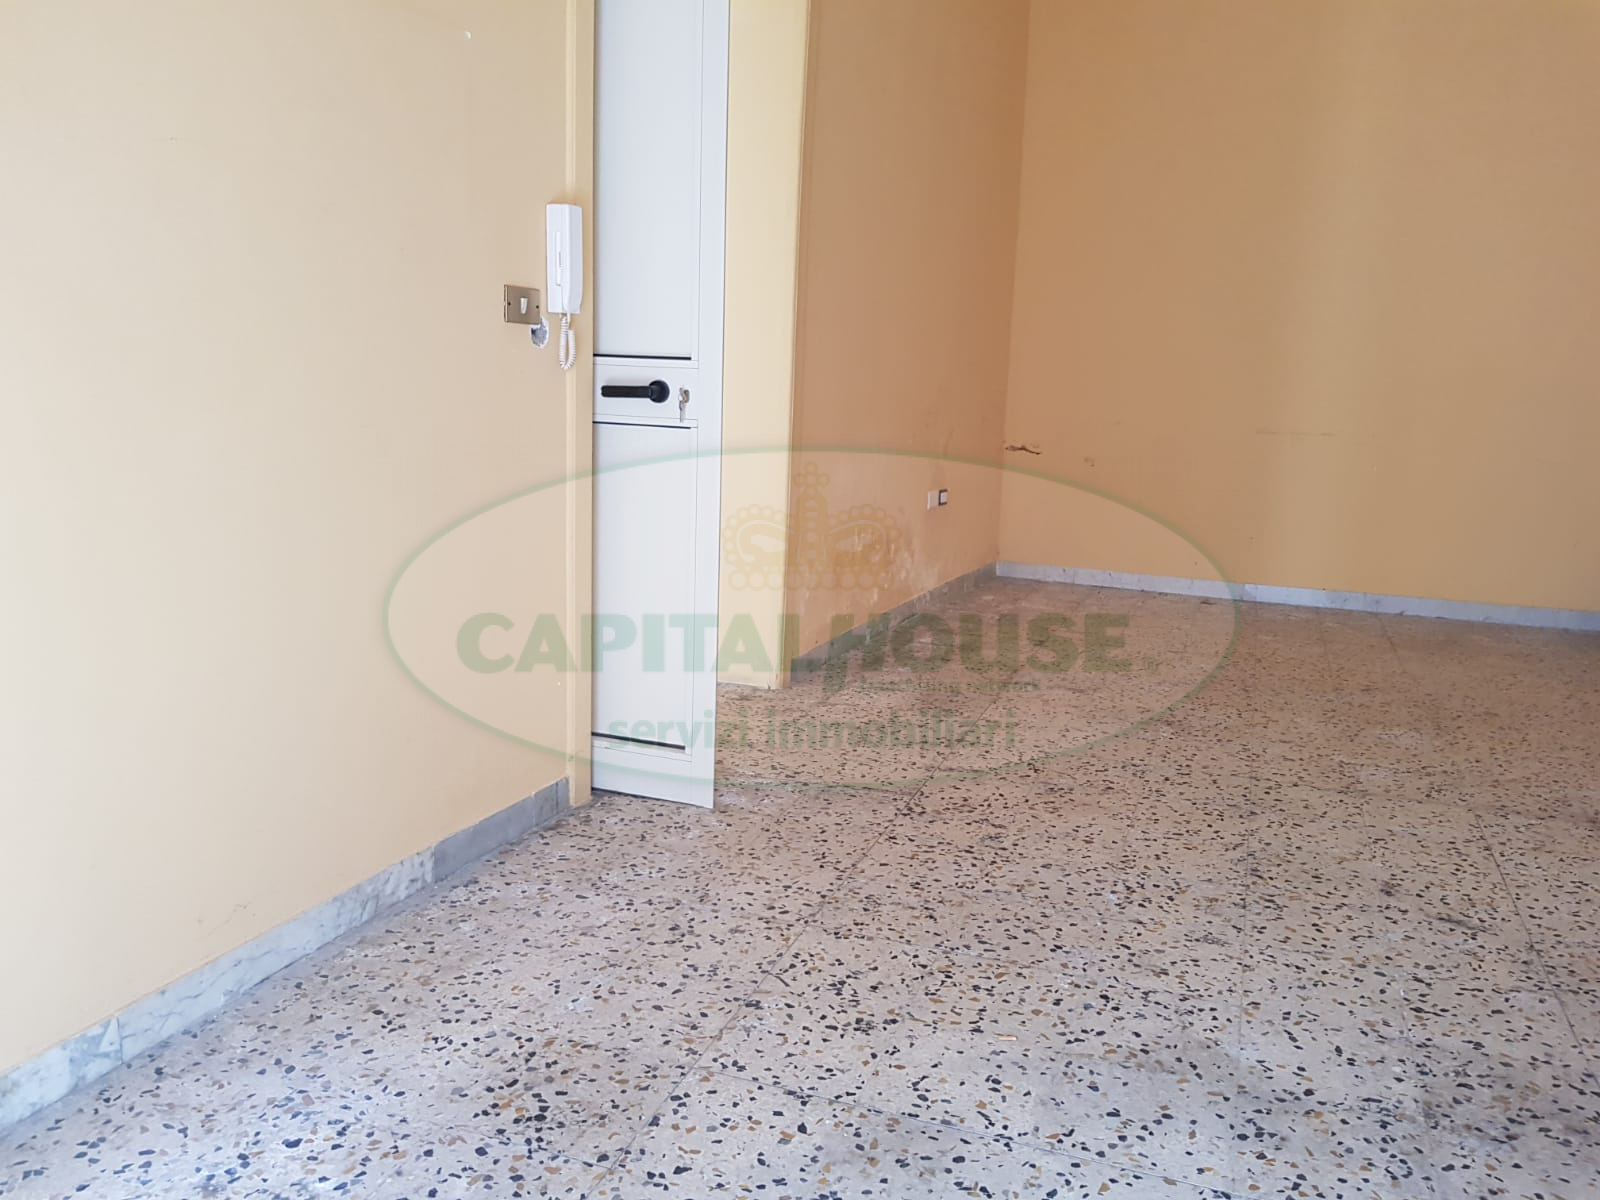 Appartamento in vendita a Cicciano, 3 locali, prezzo € 45.000 | CambioCasa.it